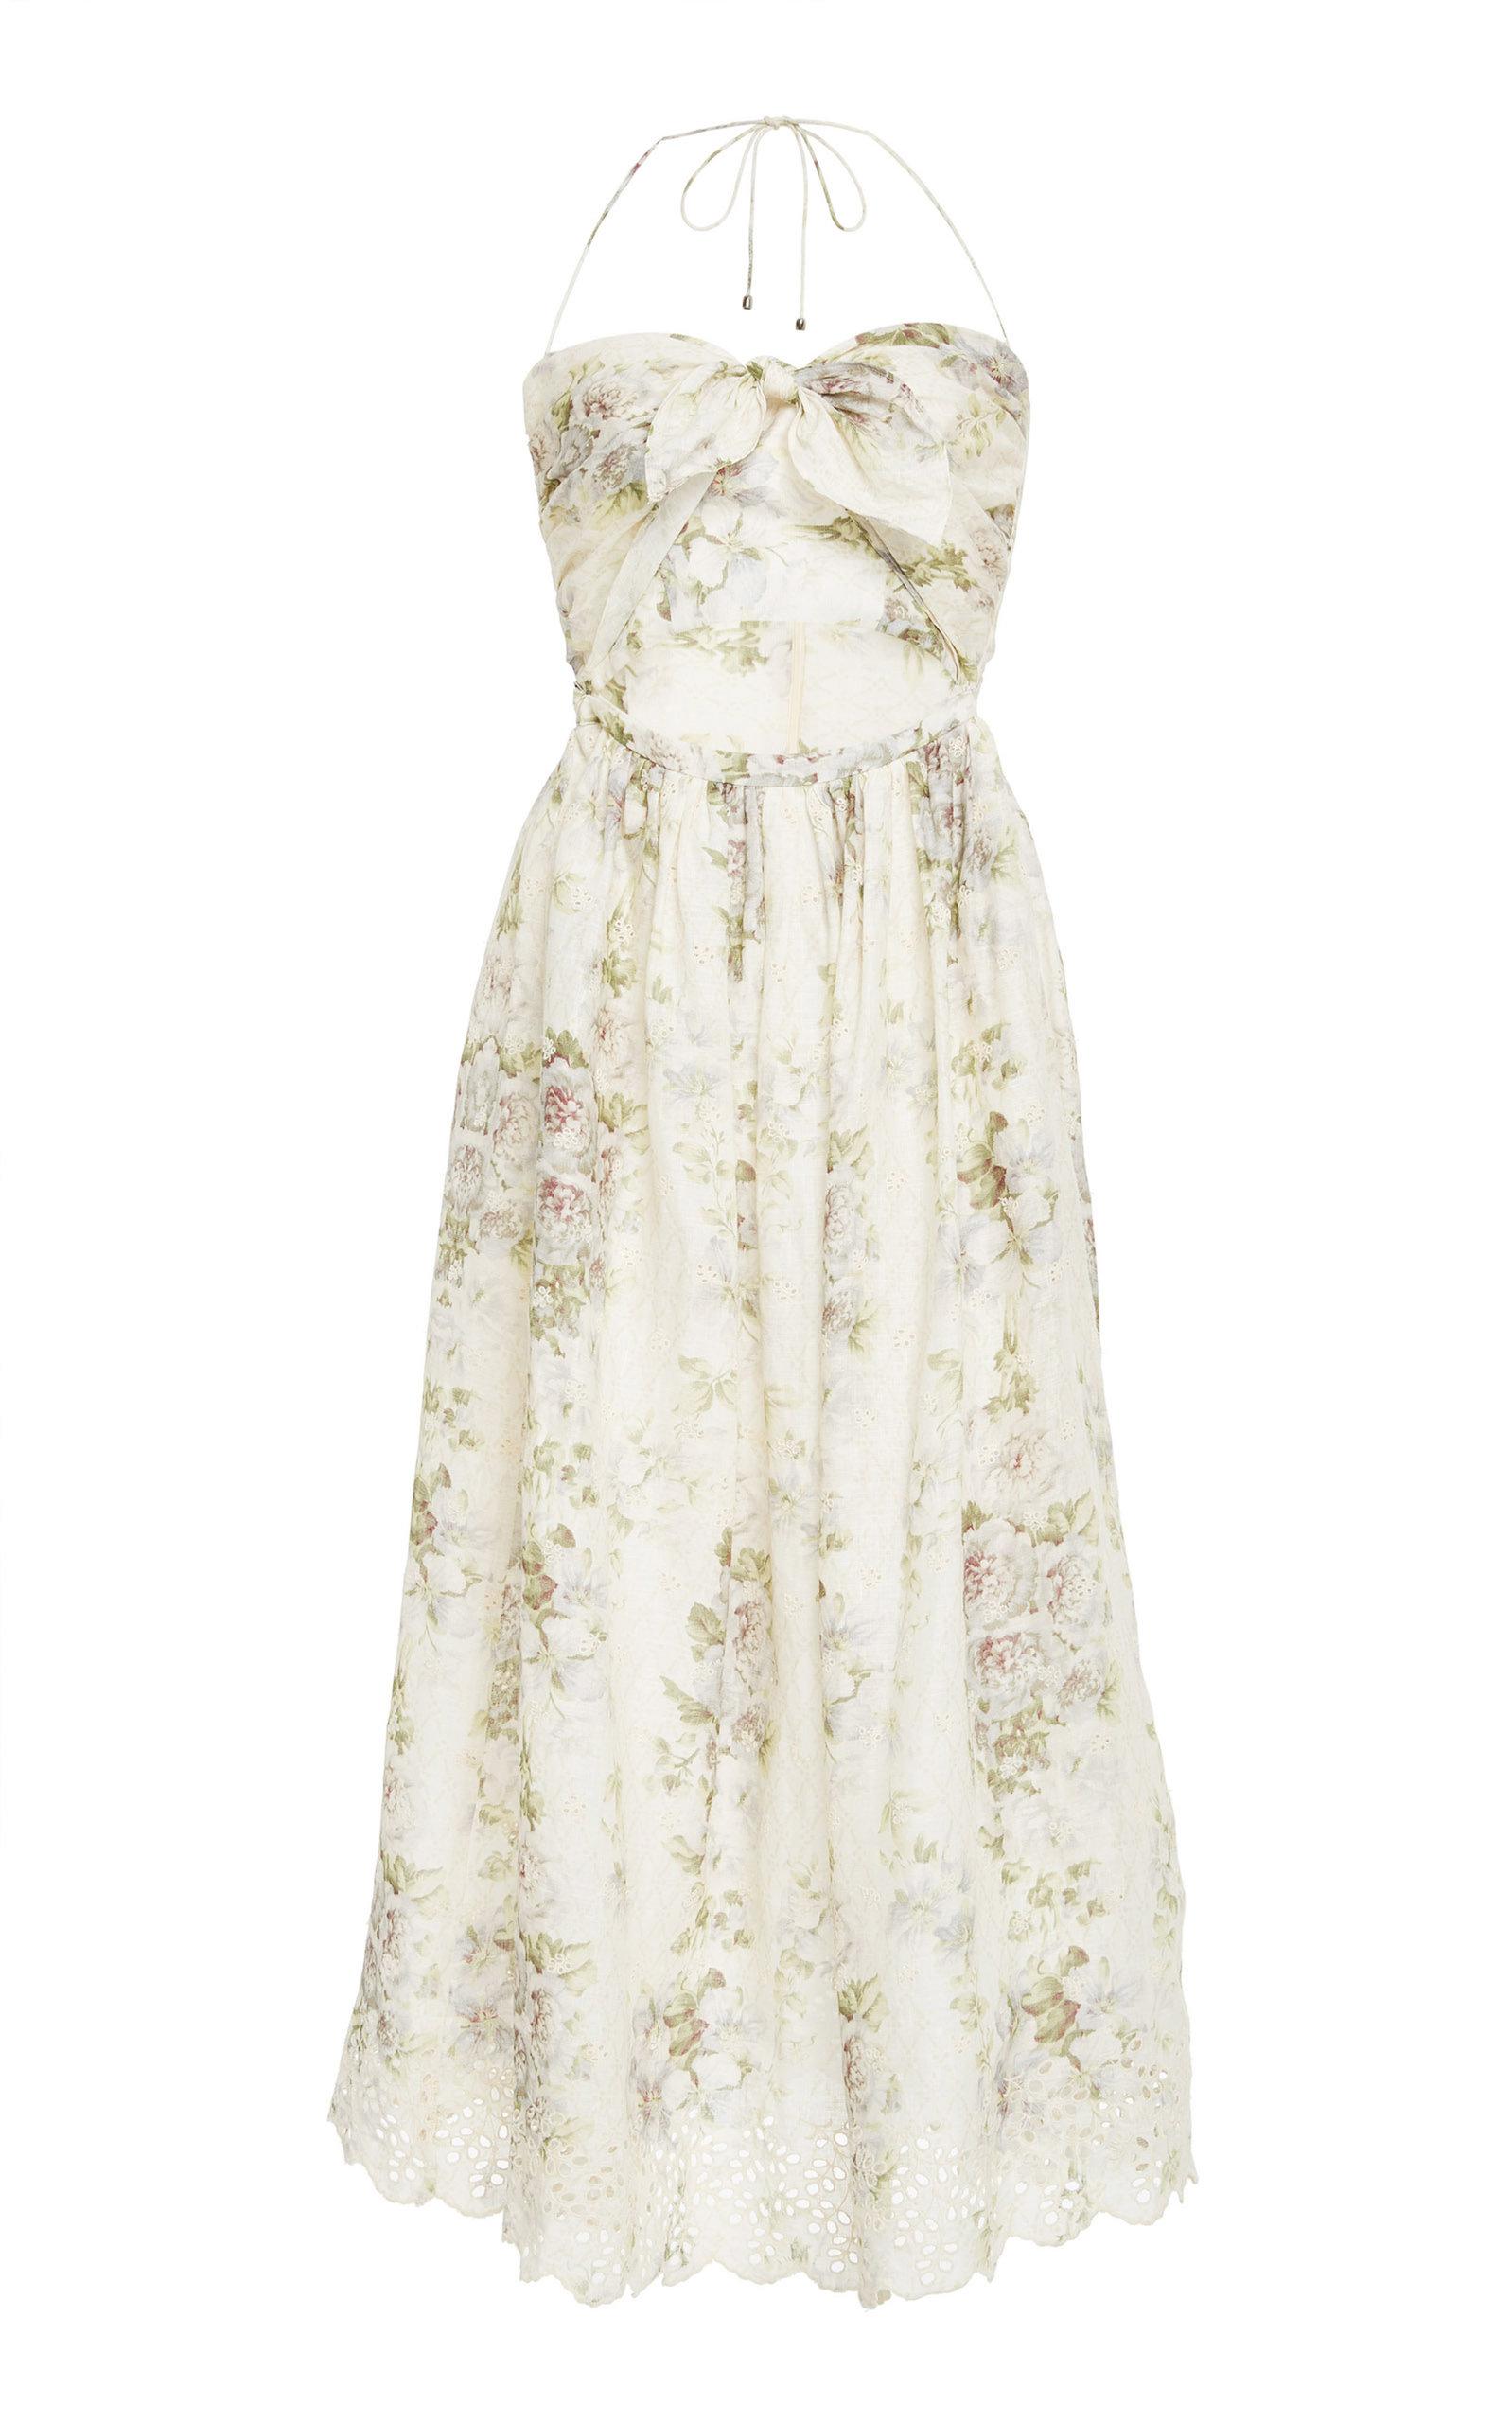 Iris Cutout Floral-Print Broderie Anglaise Linen Dress